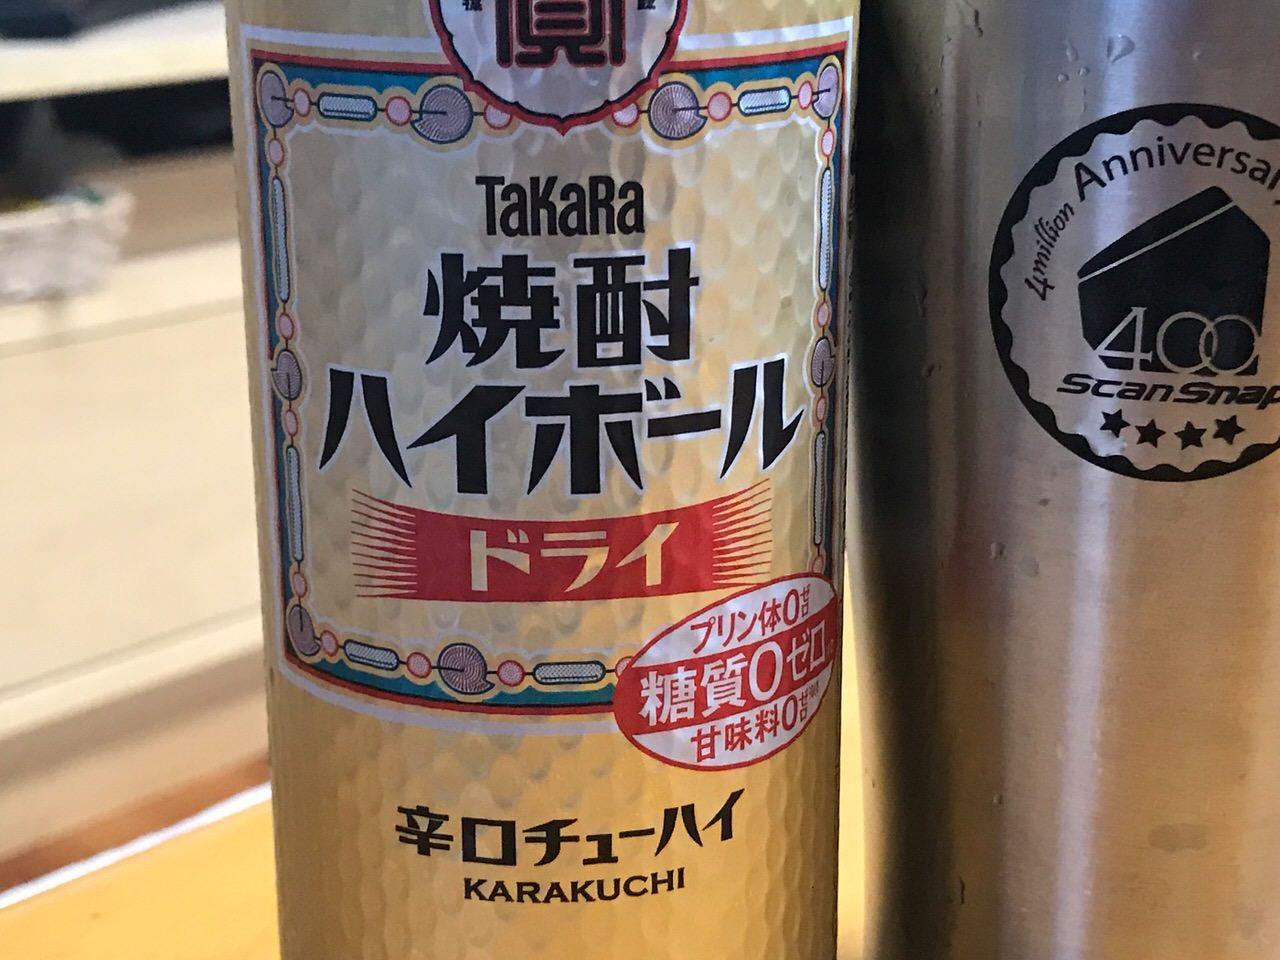 焼酎ハイボール 強烈塩レモンサイダー割り 05